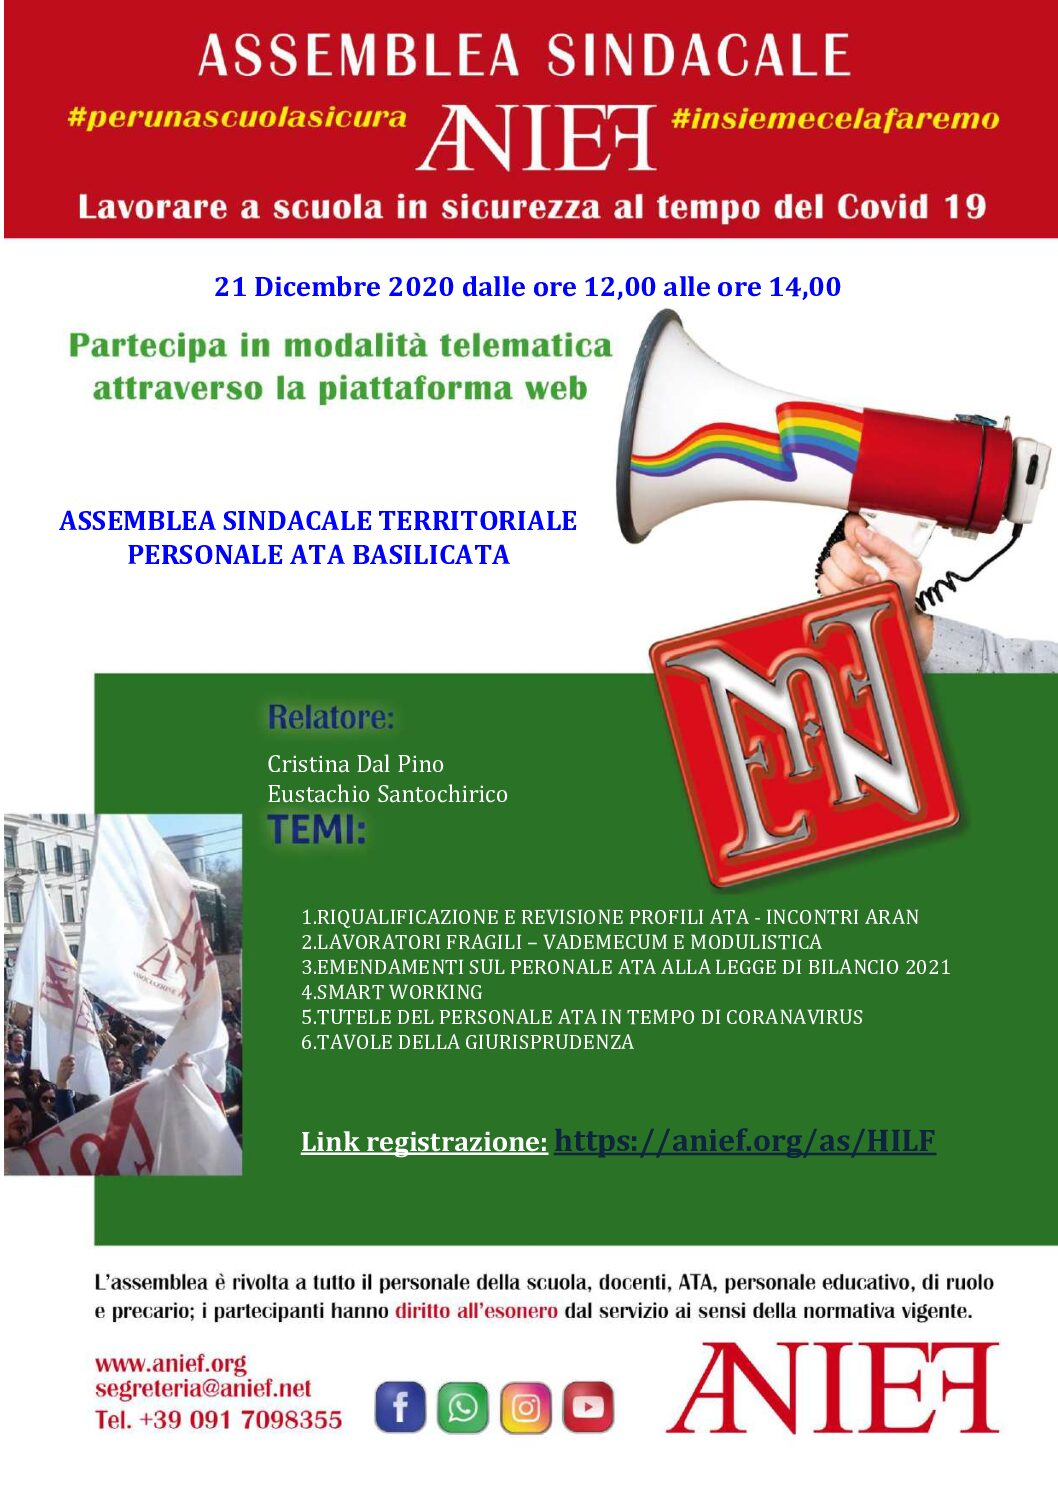 Convocazione di un'assemblea sindacale territoriale per il personale ATA delle istituzioni scolastiche della regione Basilicata